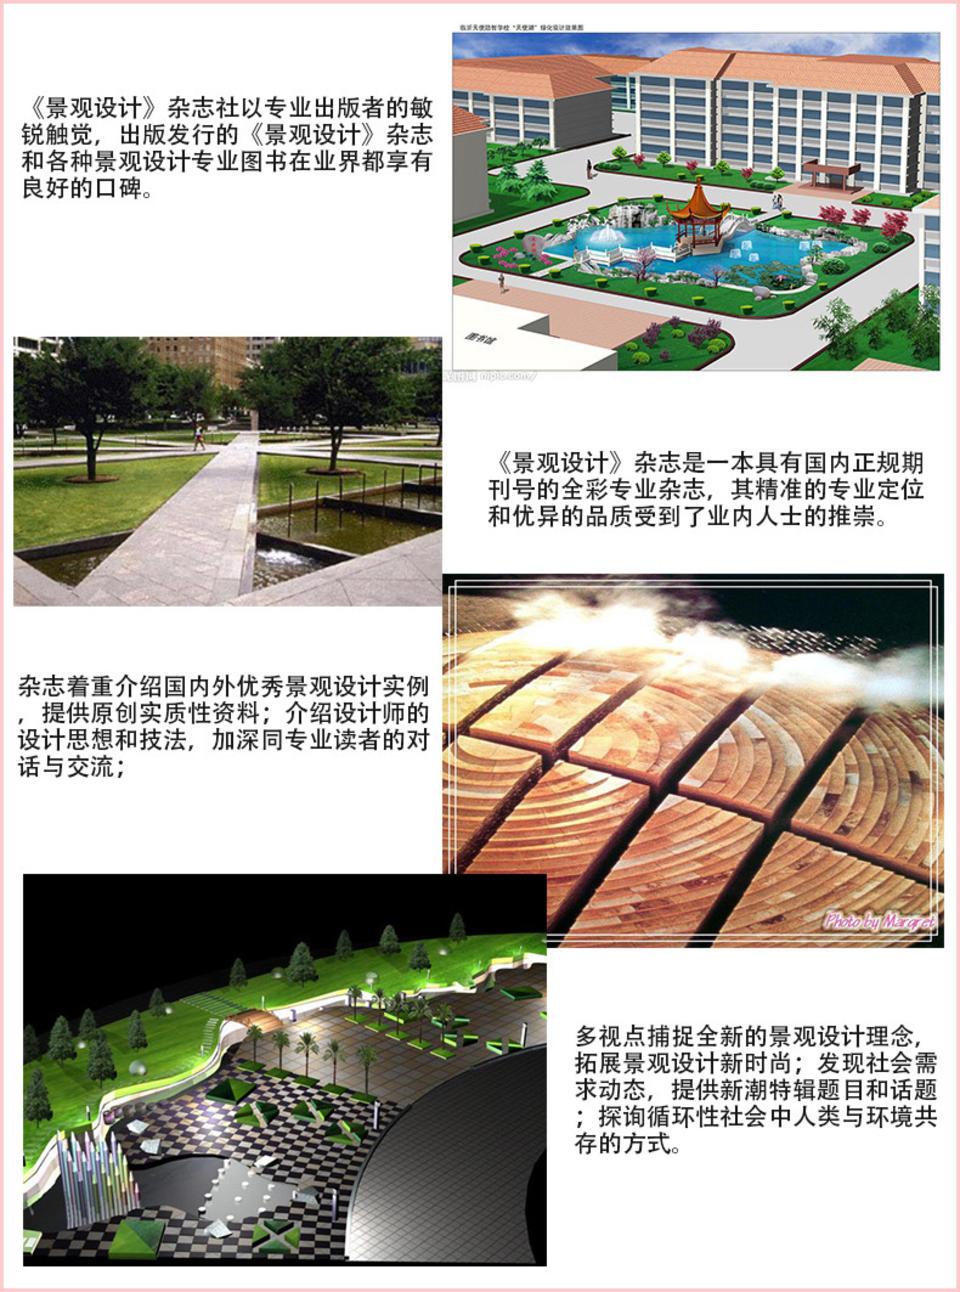 """创立于2002年底的《景观设计》杂志社隶属于大连理工大学出版社,以出版《景观设计》杂志为主、兼顾景观设计类专业图书的出版。多年来,杂志社以""""放眼世界、关注本土、注重实际操作""""为主旨,已将《景观设计》杂志打造成国内景观设计类的国际性精品刊物,为中国城市景观设计、环境规划和城市建设等提供了专业化指导并产生了深远的影响。"""